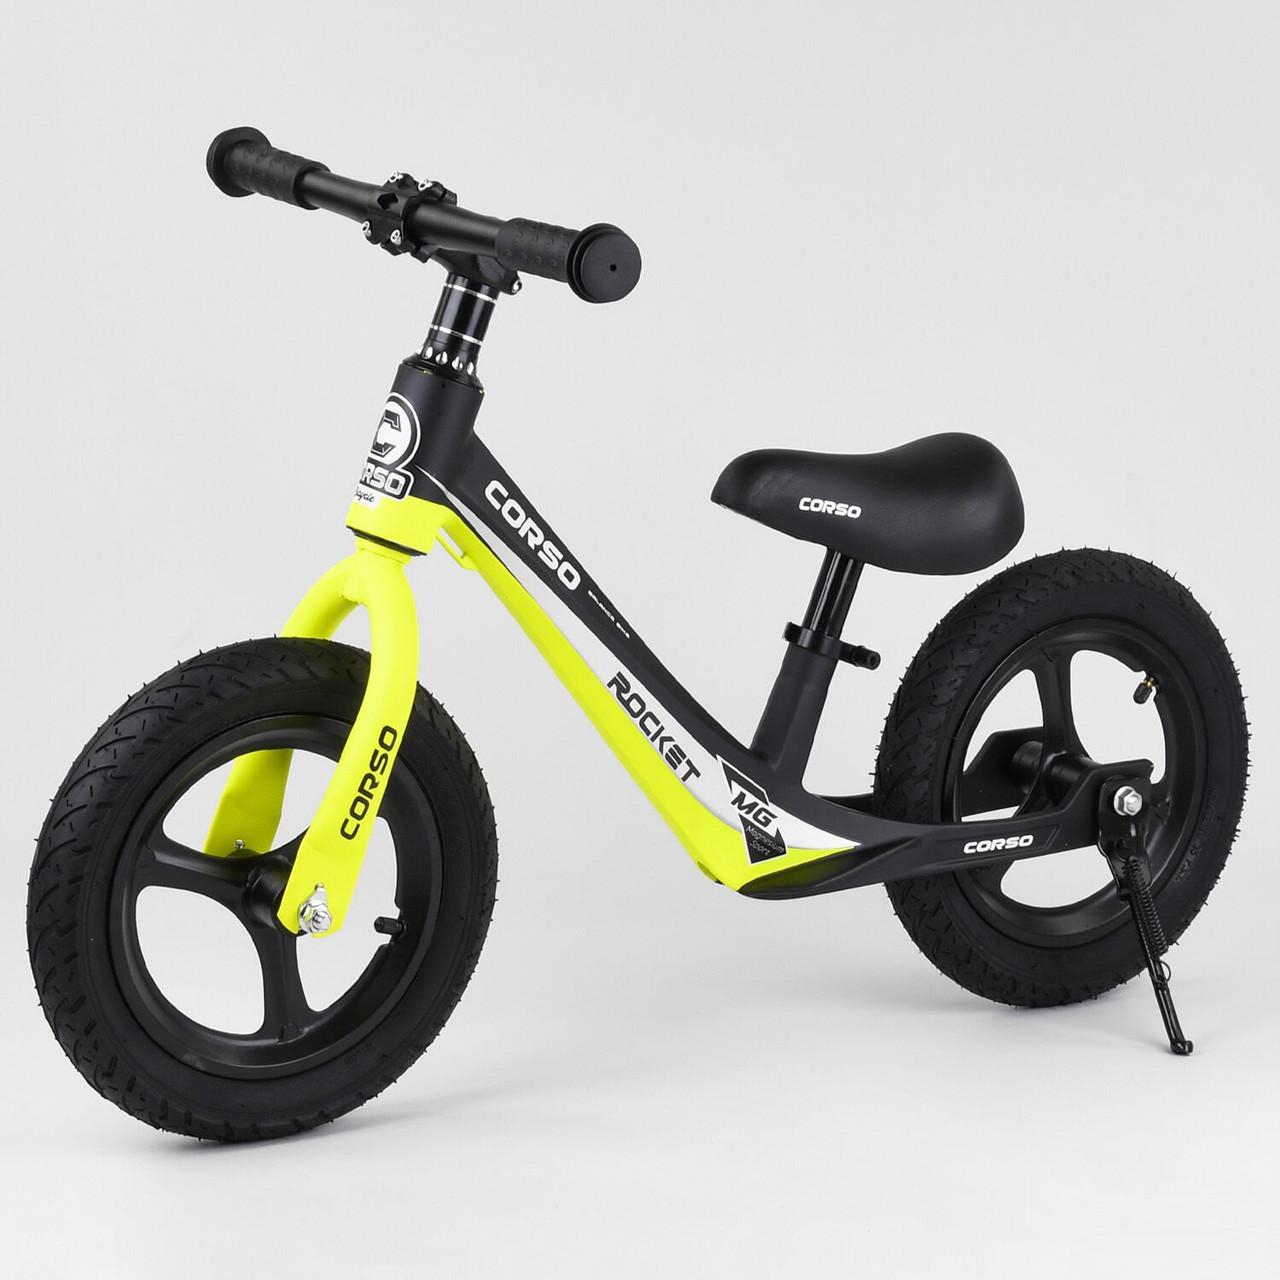 Детский беговел с максимальной нагрузкой 35 кг, регулируется сидушка, есть подножка Corso 63181, желтый